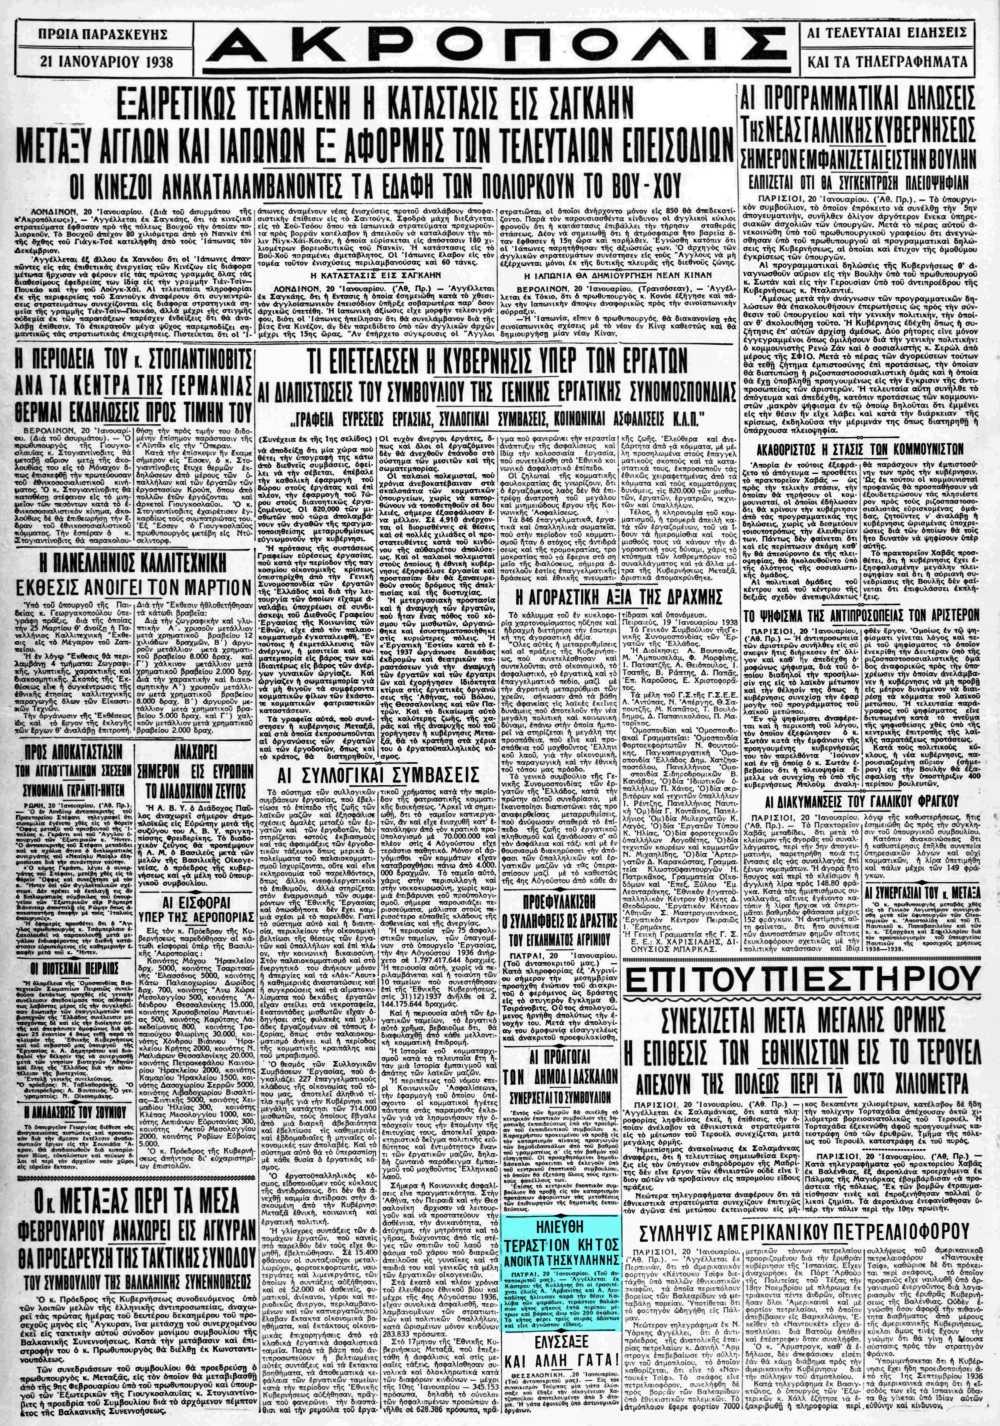 """Το άρθρο, όπως δημοσιεύθηκε στην εφημερίδα """"ΑΚΡΟΠΟΛΙΣ"""", στις 21/01/1938"""